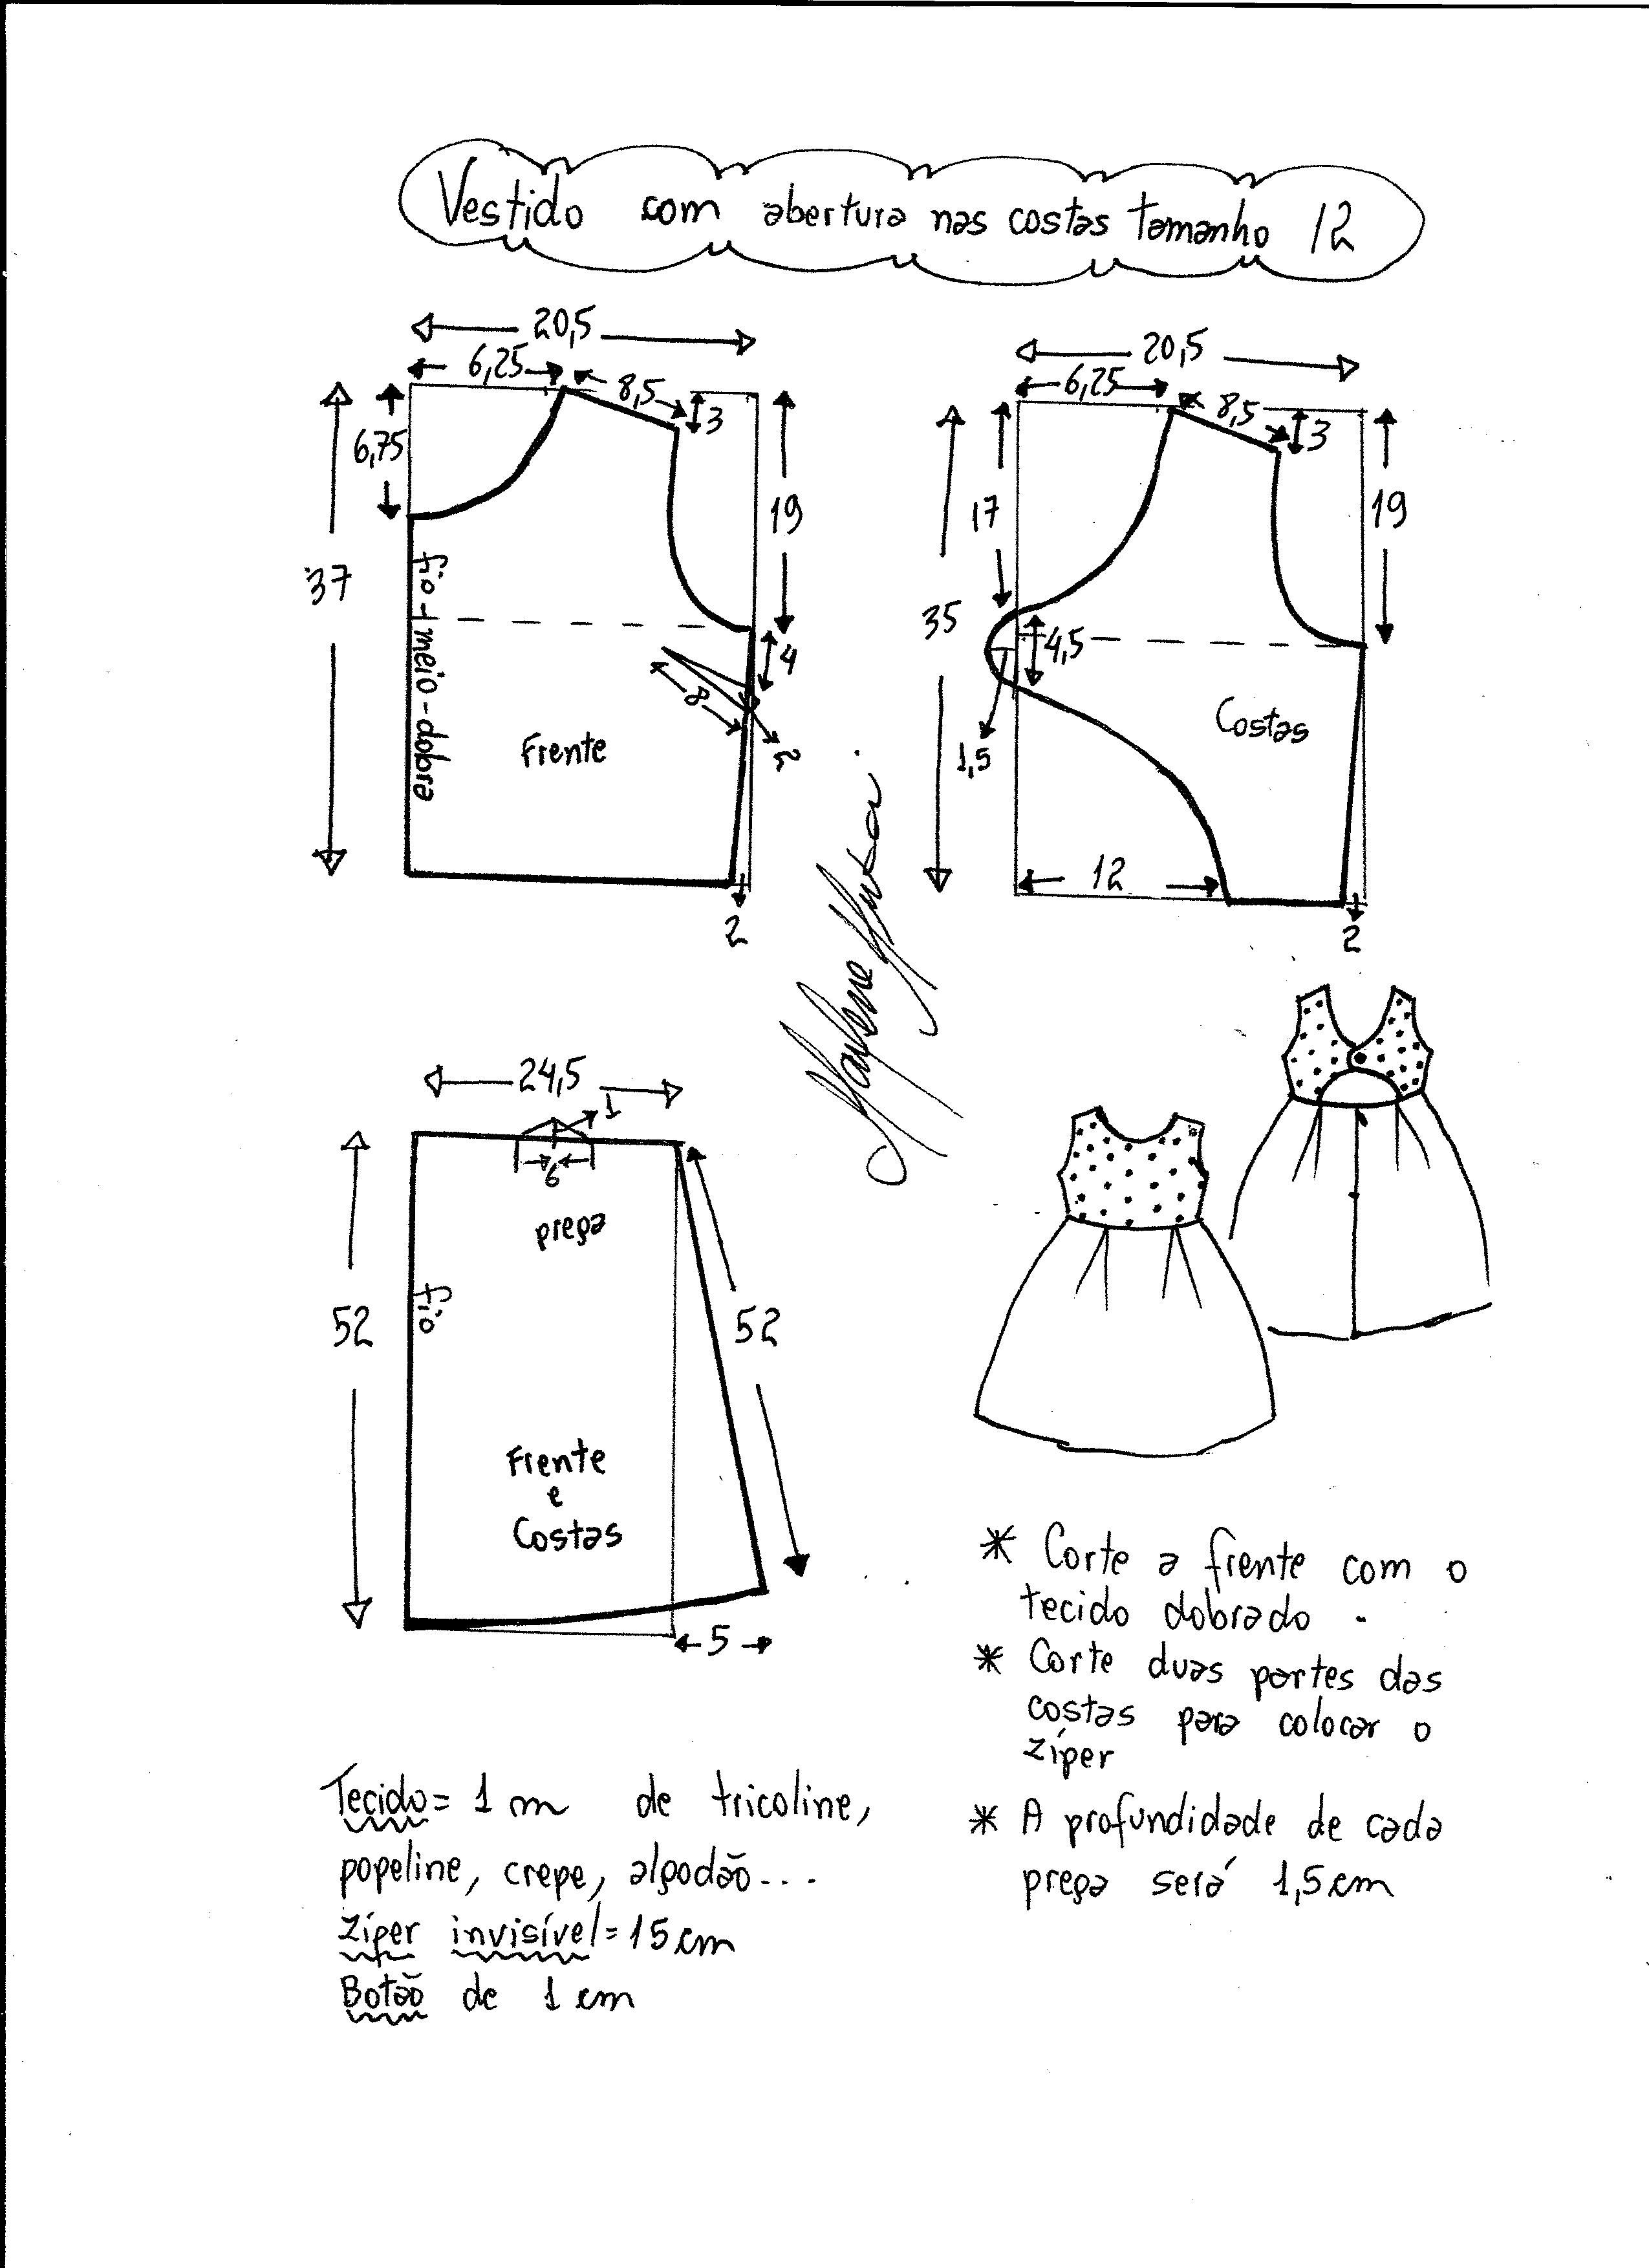 75586bdf8dcd90 Esquema de modelagem de vestido com abertura nas costas tamanho 12 ...